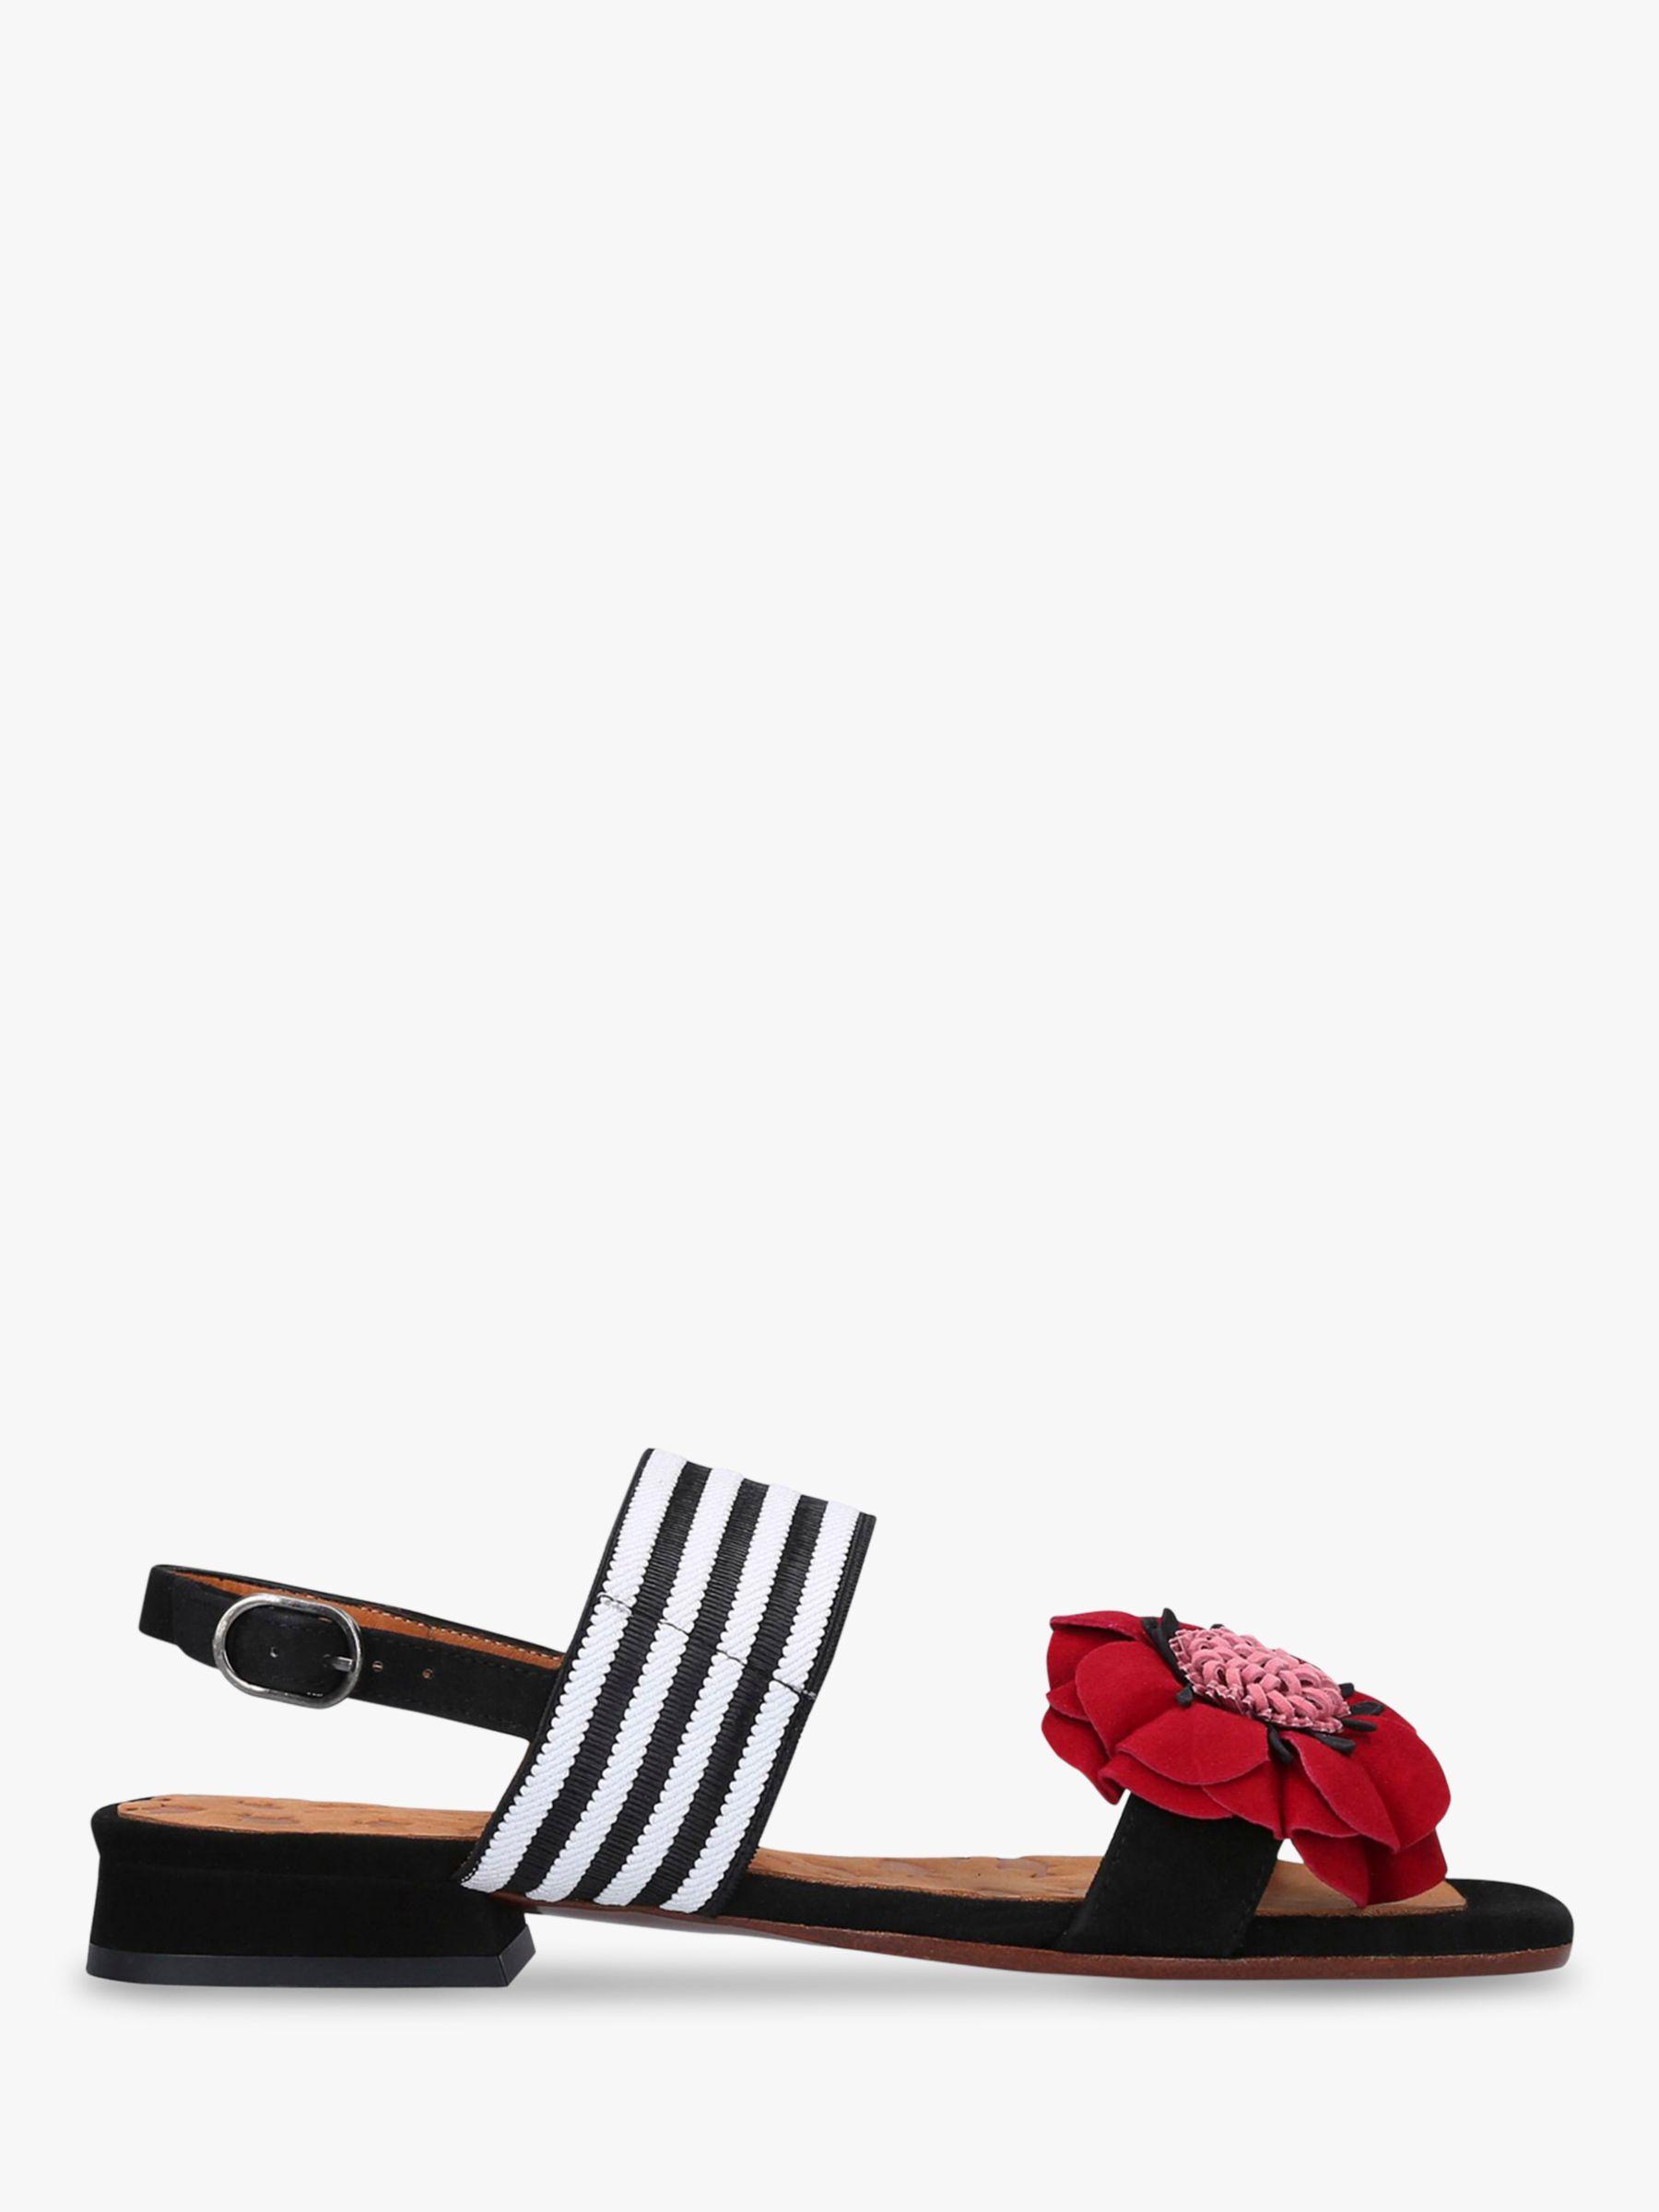 Chie Mihara Chie Mihara Tida Suede Flat Sandals, Black